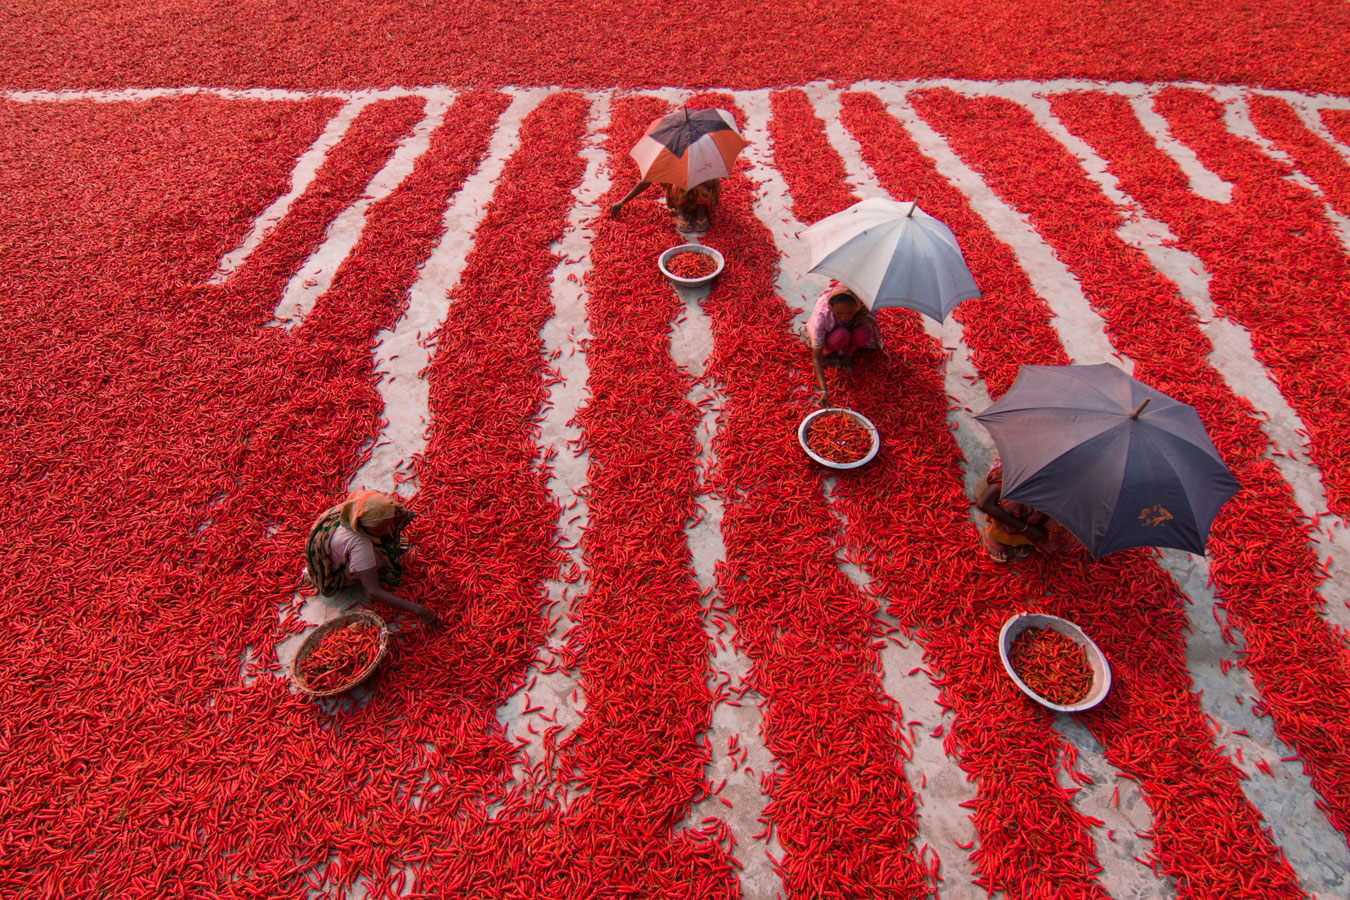 Сборщики красного перца, © Азим Хан Ронни / Azim Khan Ronnie, Бангладеш, 1 место в номинации «Уличная фотография», Фотоконкурс 35AWARDS — 100 Best Photos